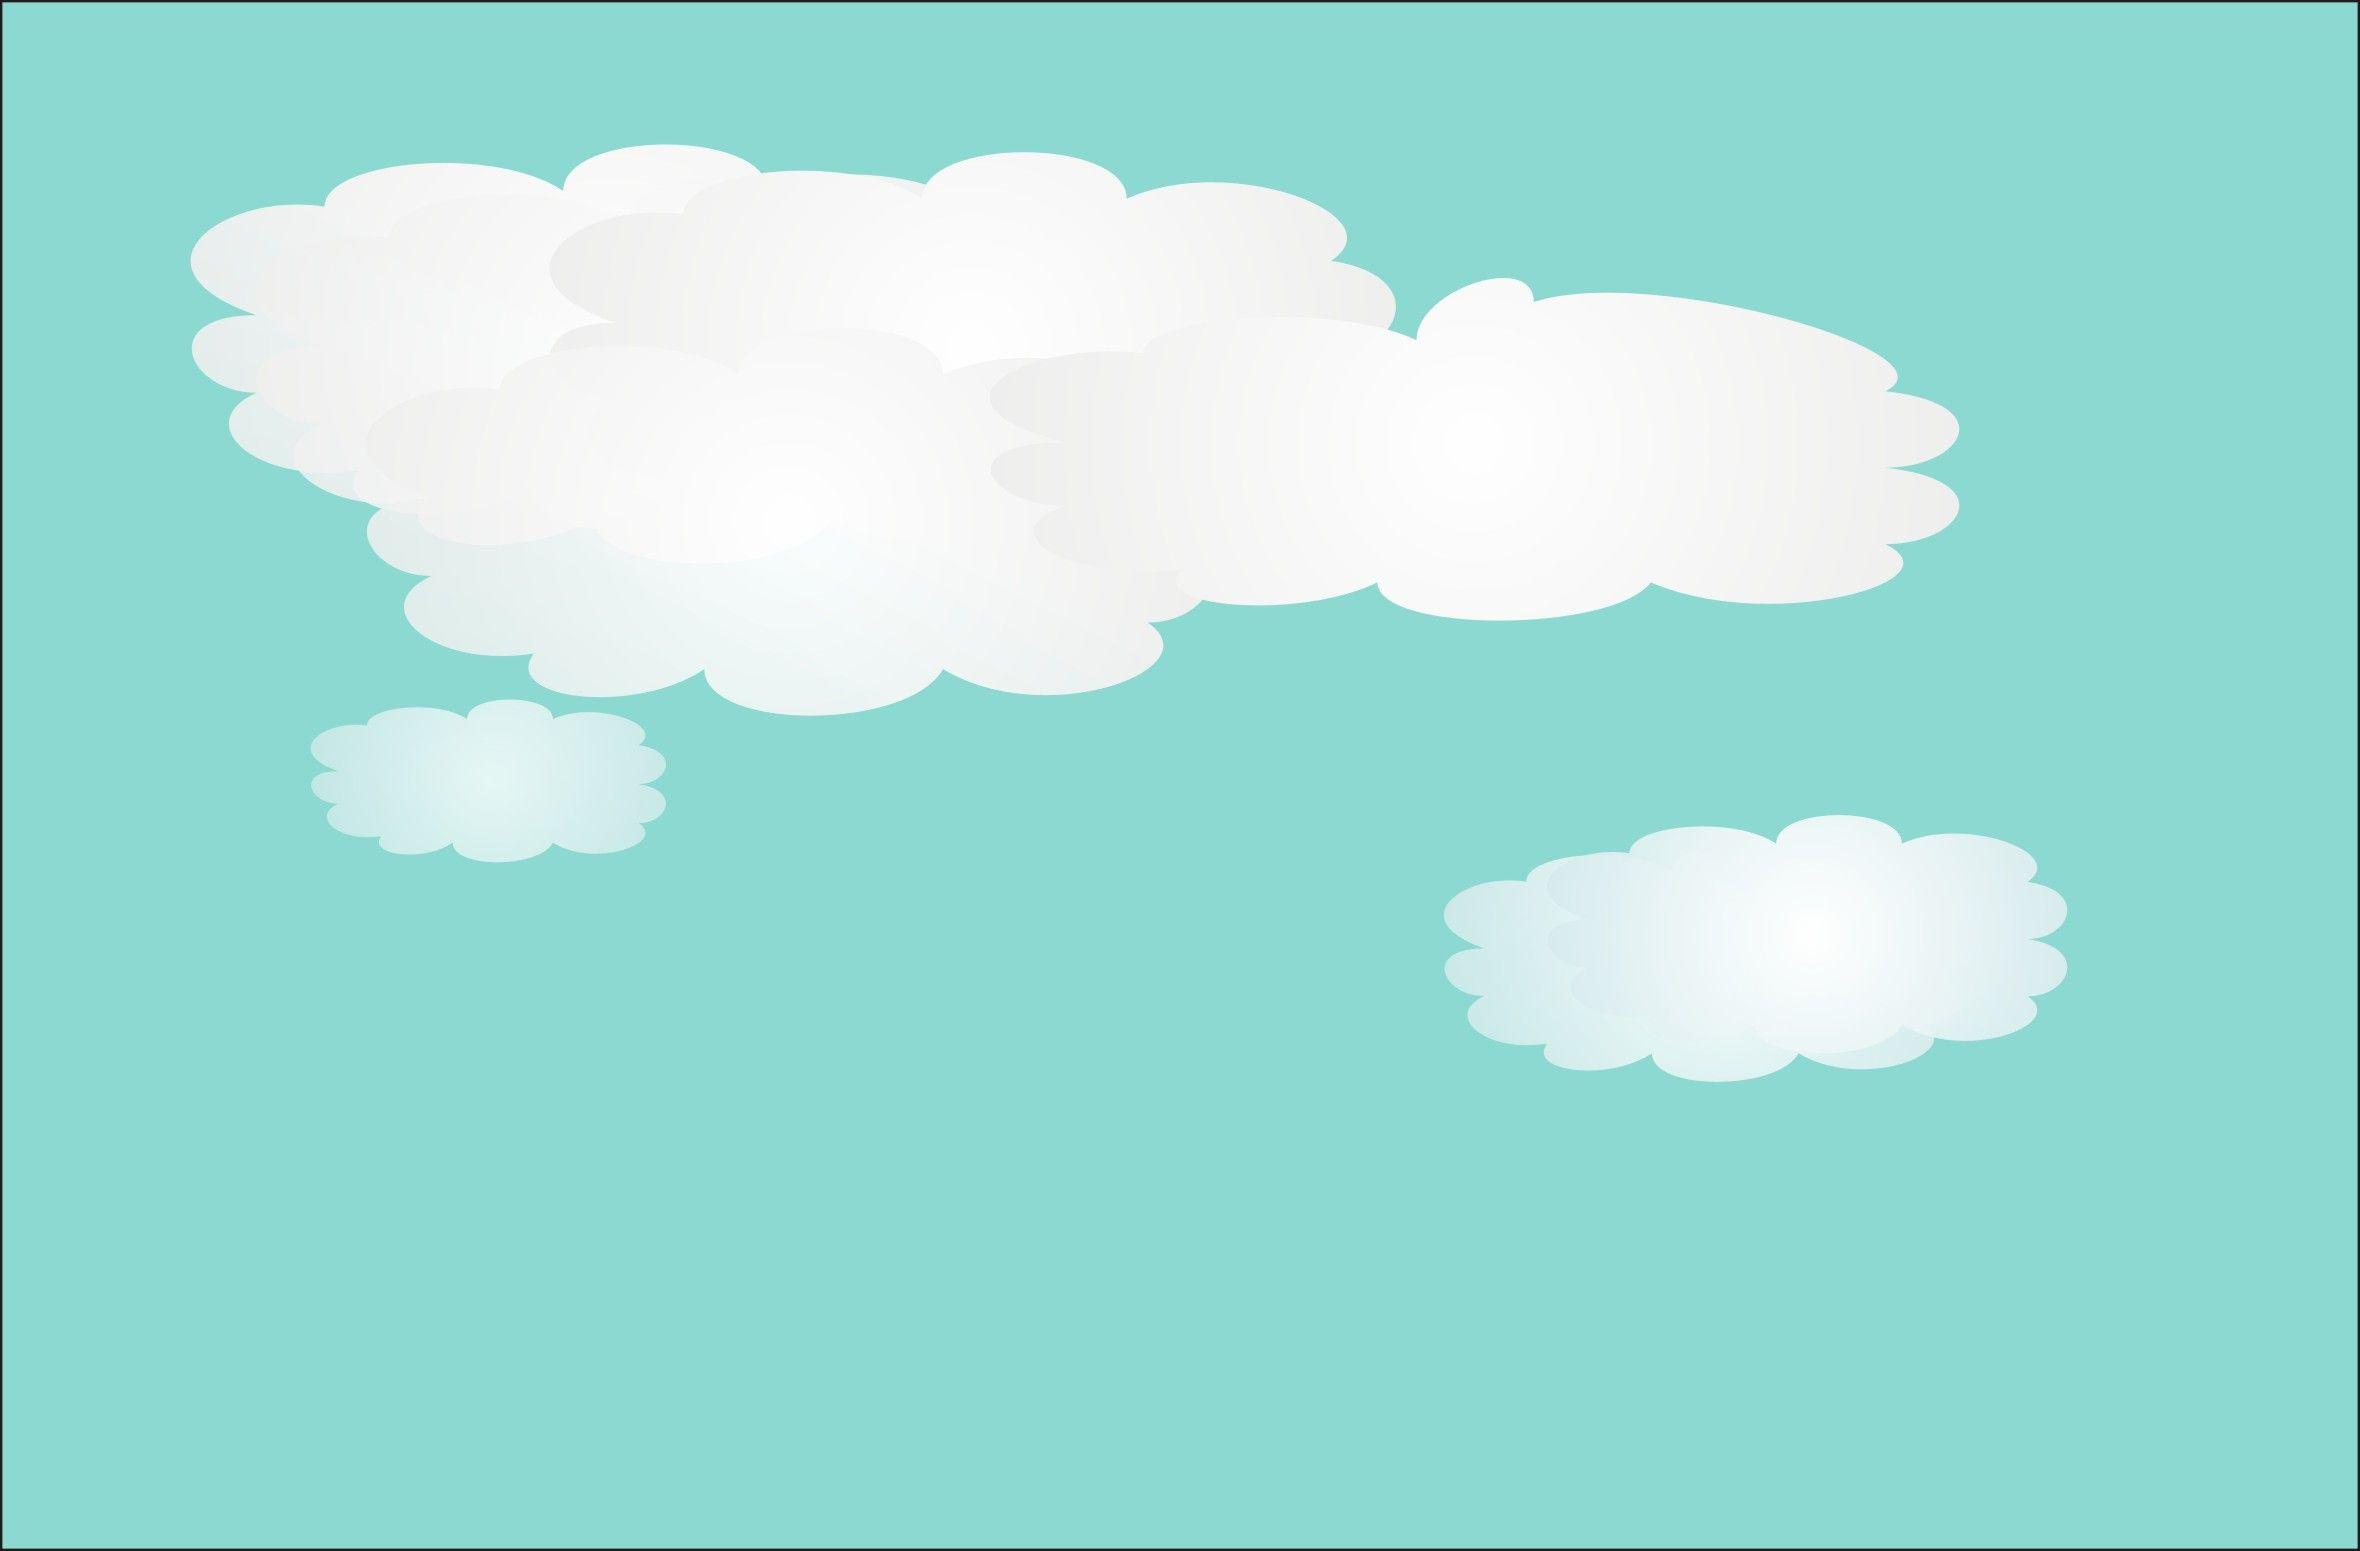 云朵唯美图片素材